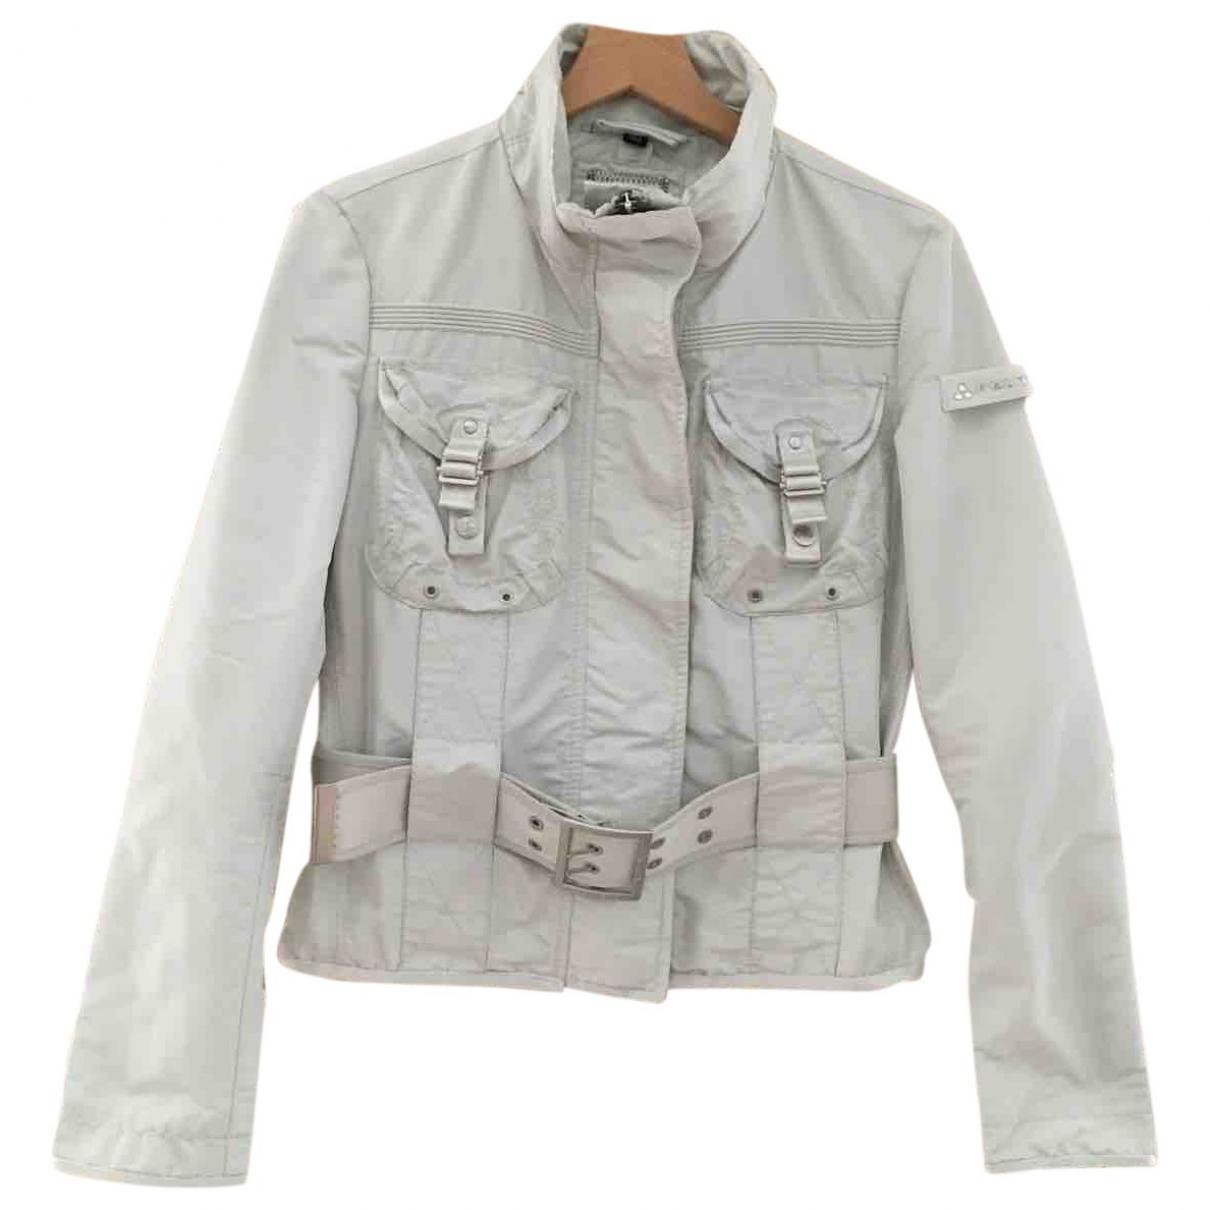 Peuterey \N Jacke in  Grau Polyester